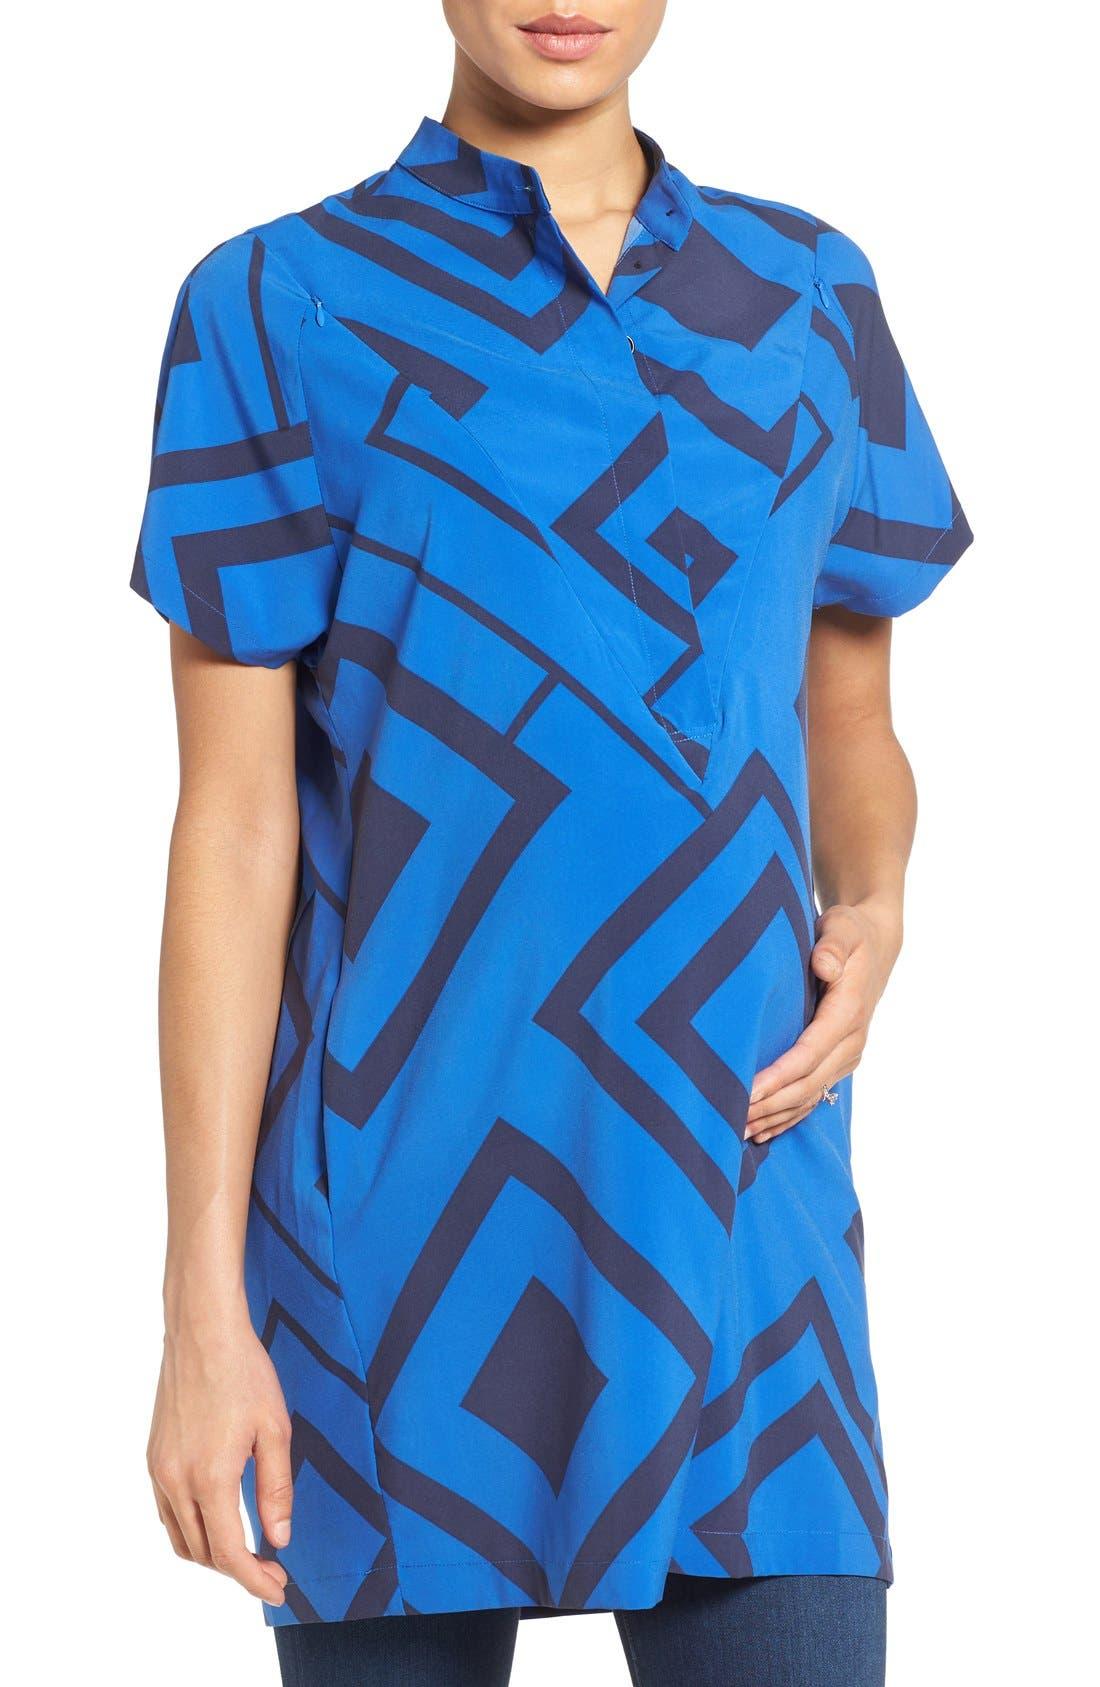 Main Image - Loyal Hana 'Erin' Print Maternity/Nursing Shirtdress